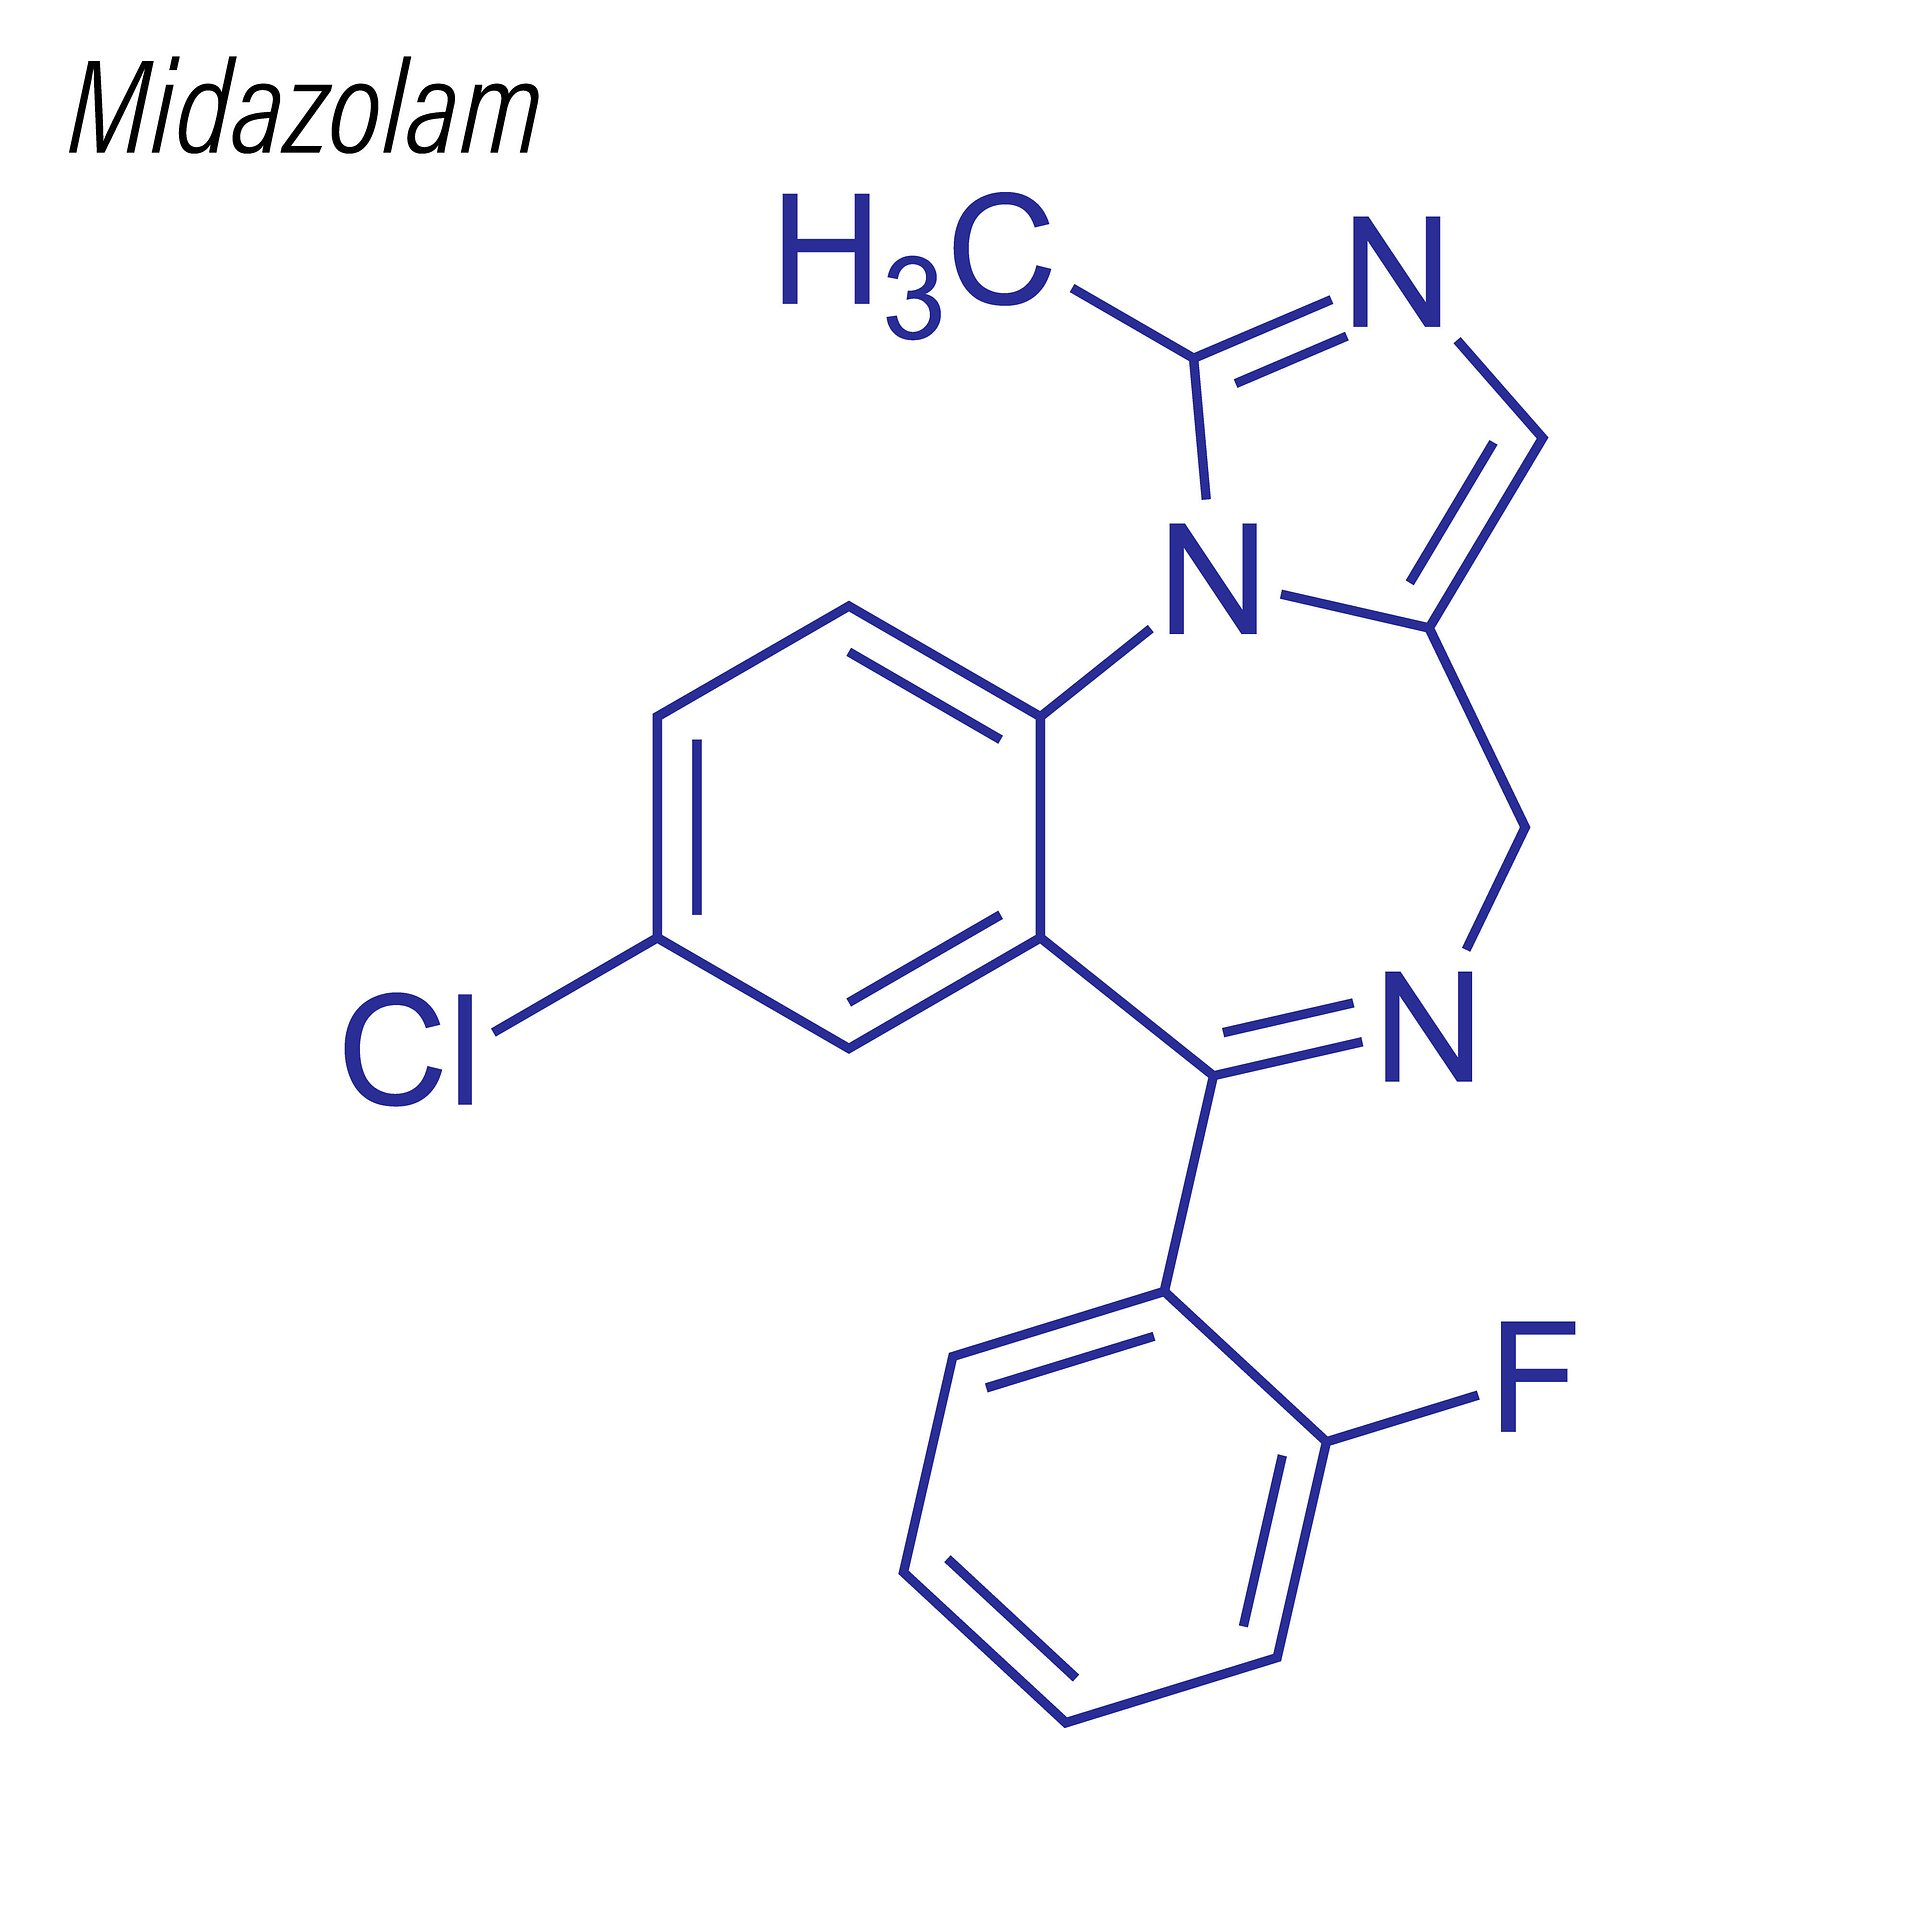 Leki zawierające midazolam i fentanyl - obowiązek podania kodu EAN